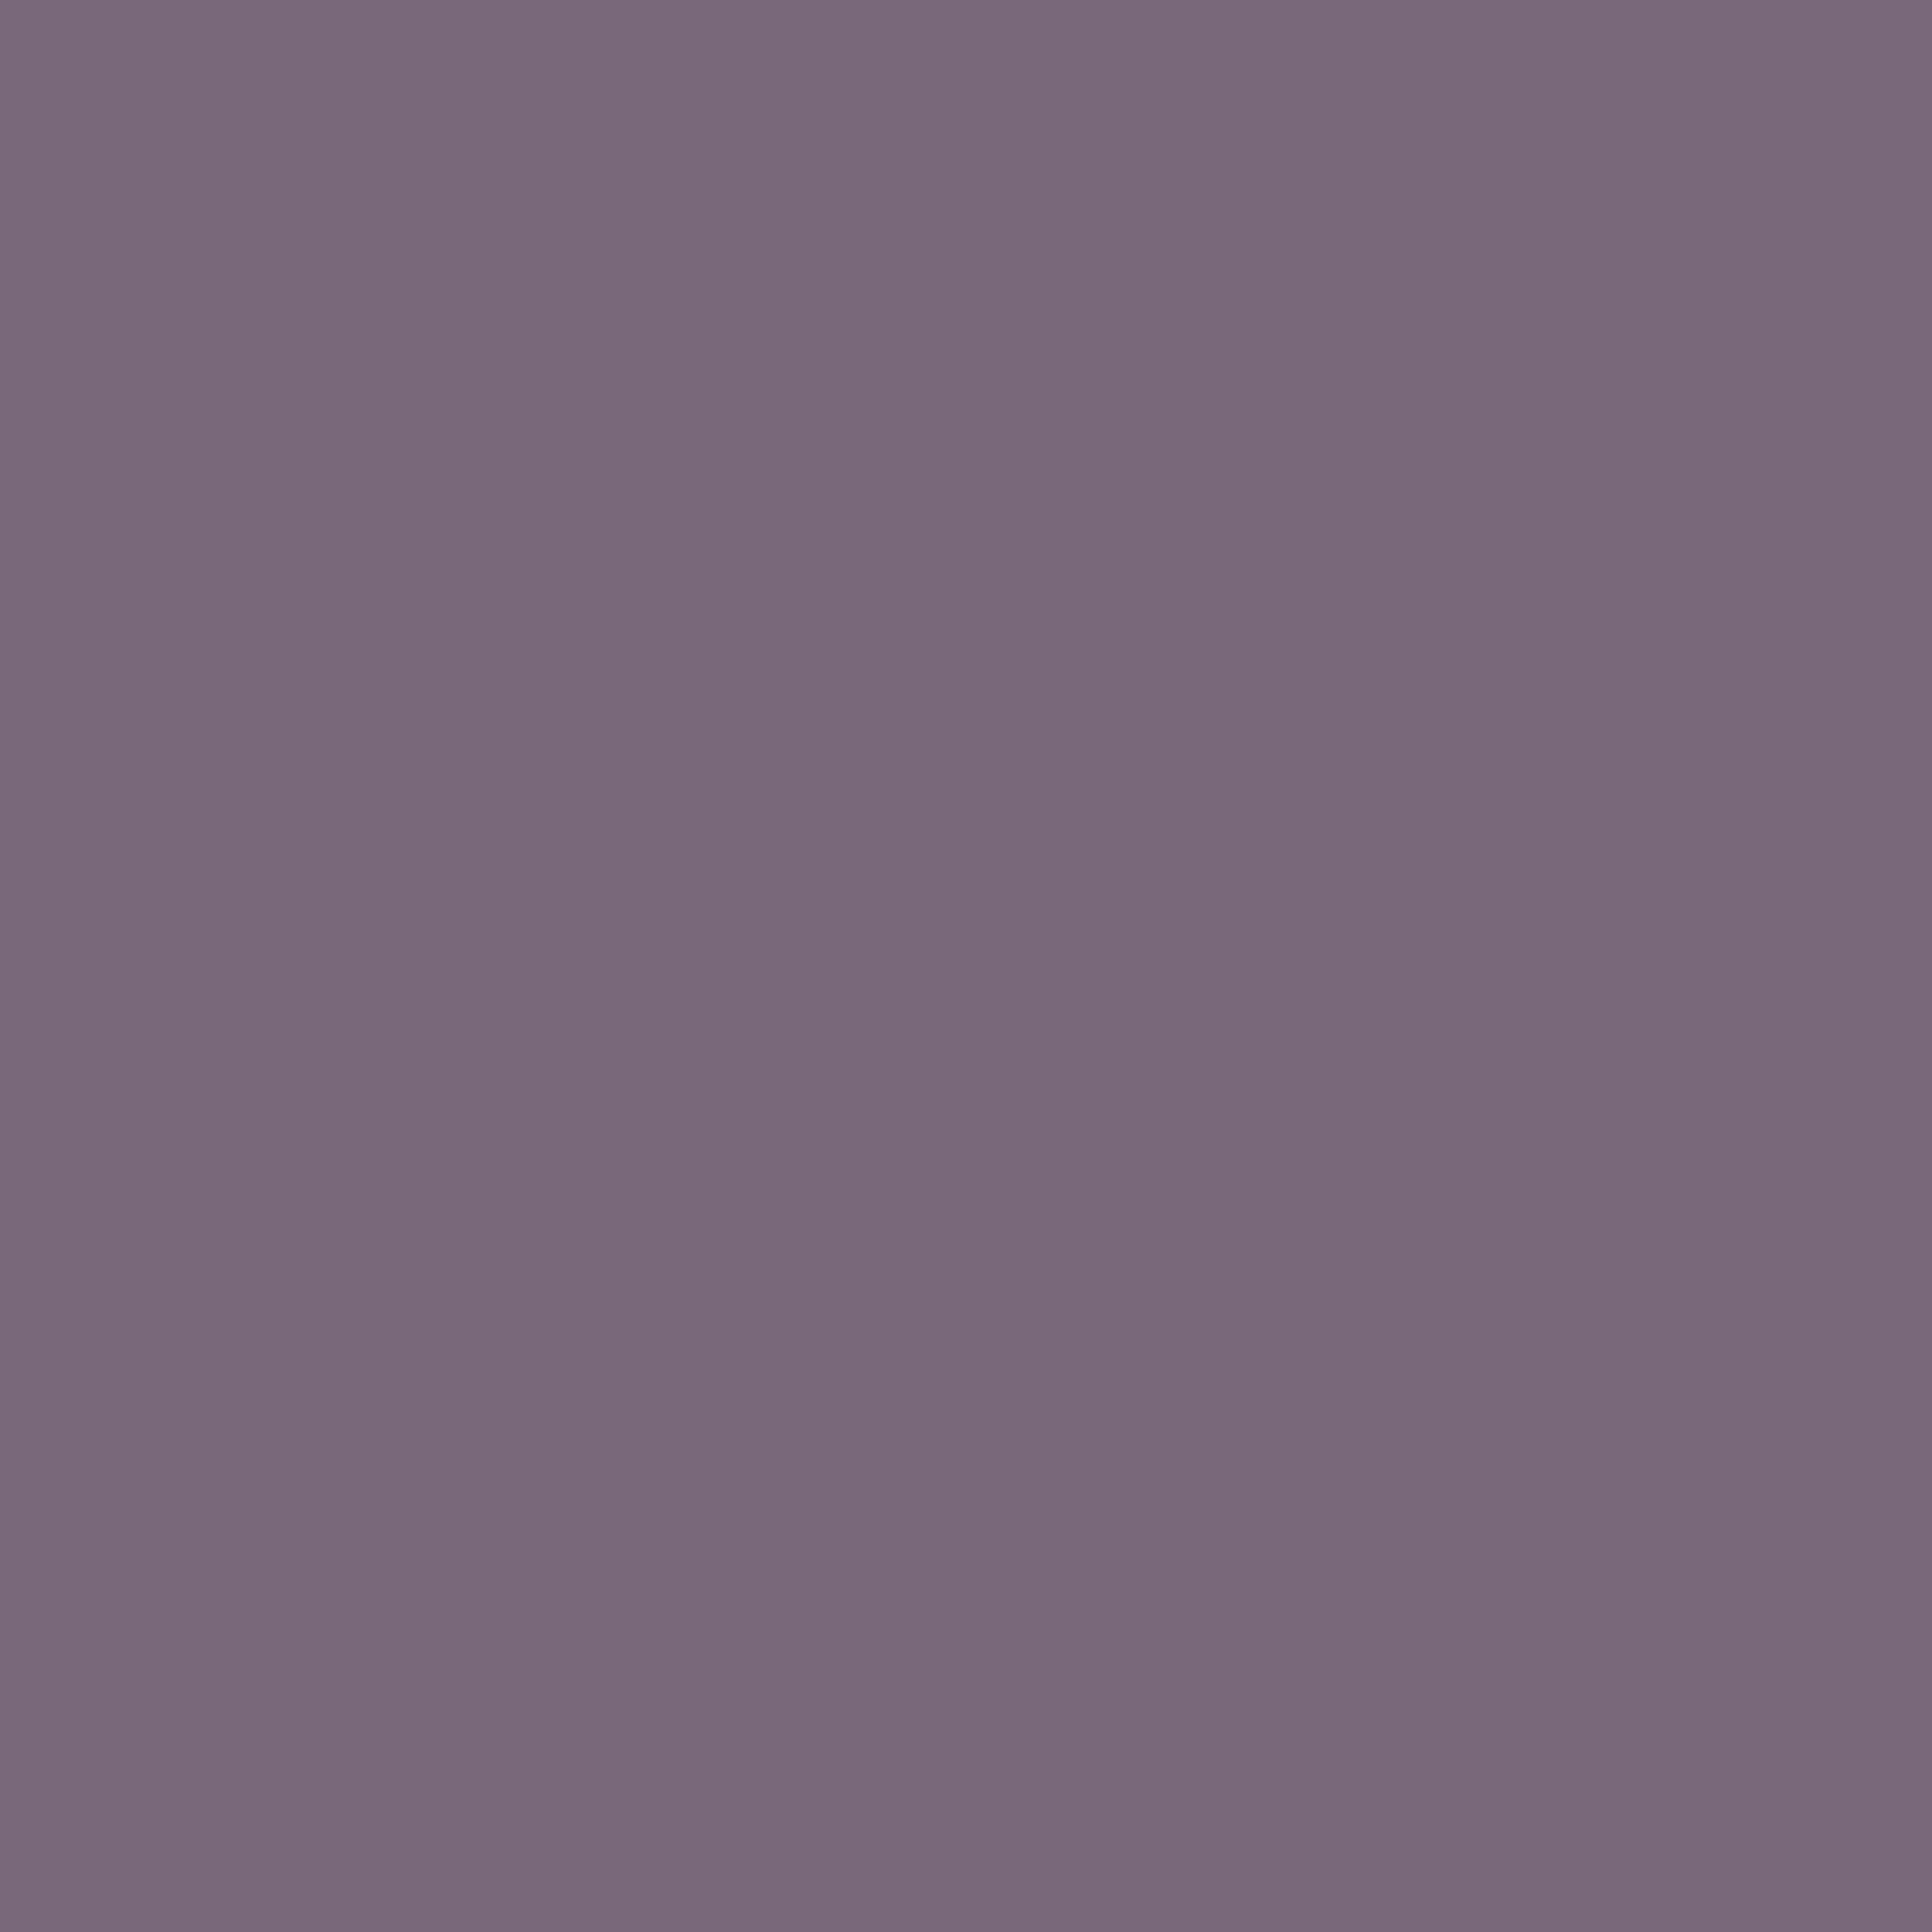 2732x2732 Old Lavender Solid Color Background